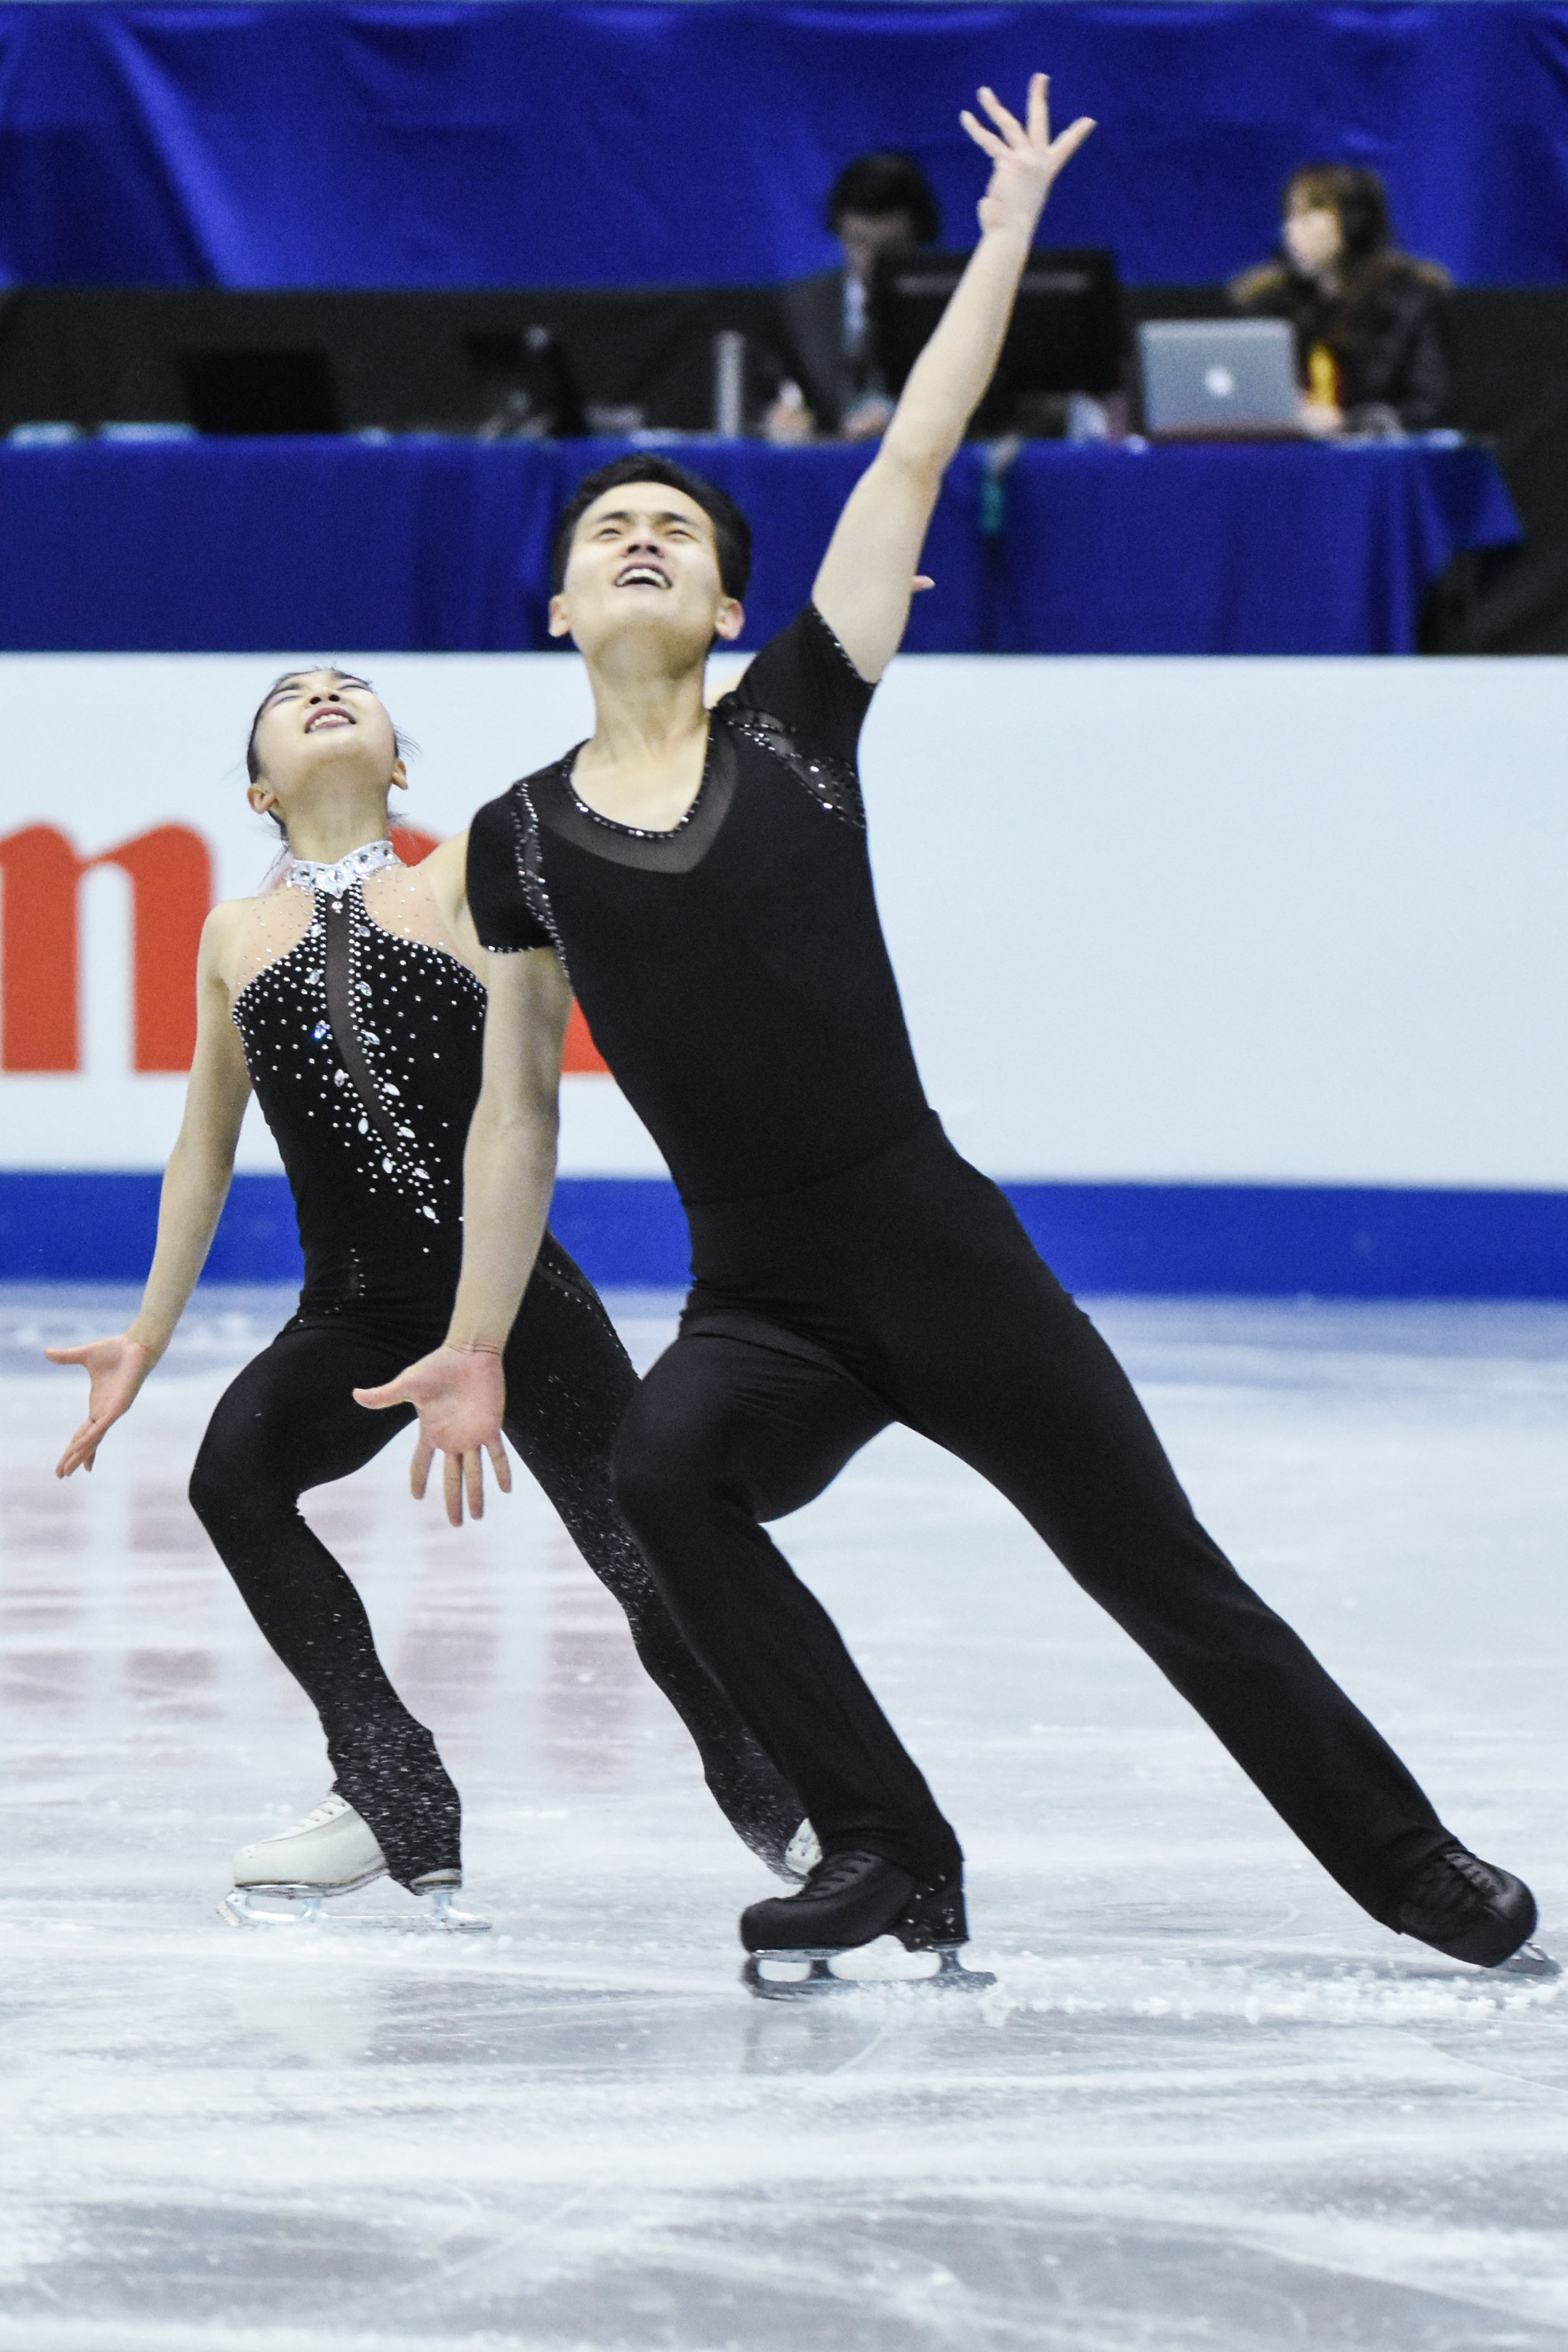 四大洲花式滑冰錦標賽雙人長曲北韓選手廉太鈺、金柱植。 圖/記者林敬旻攝